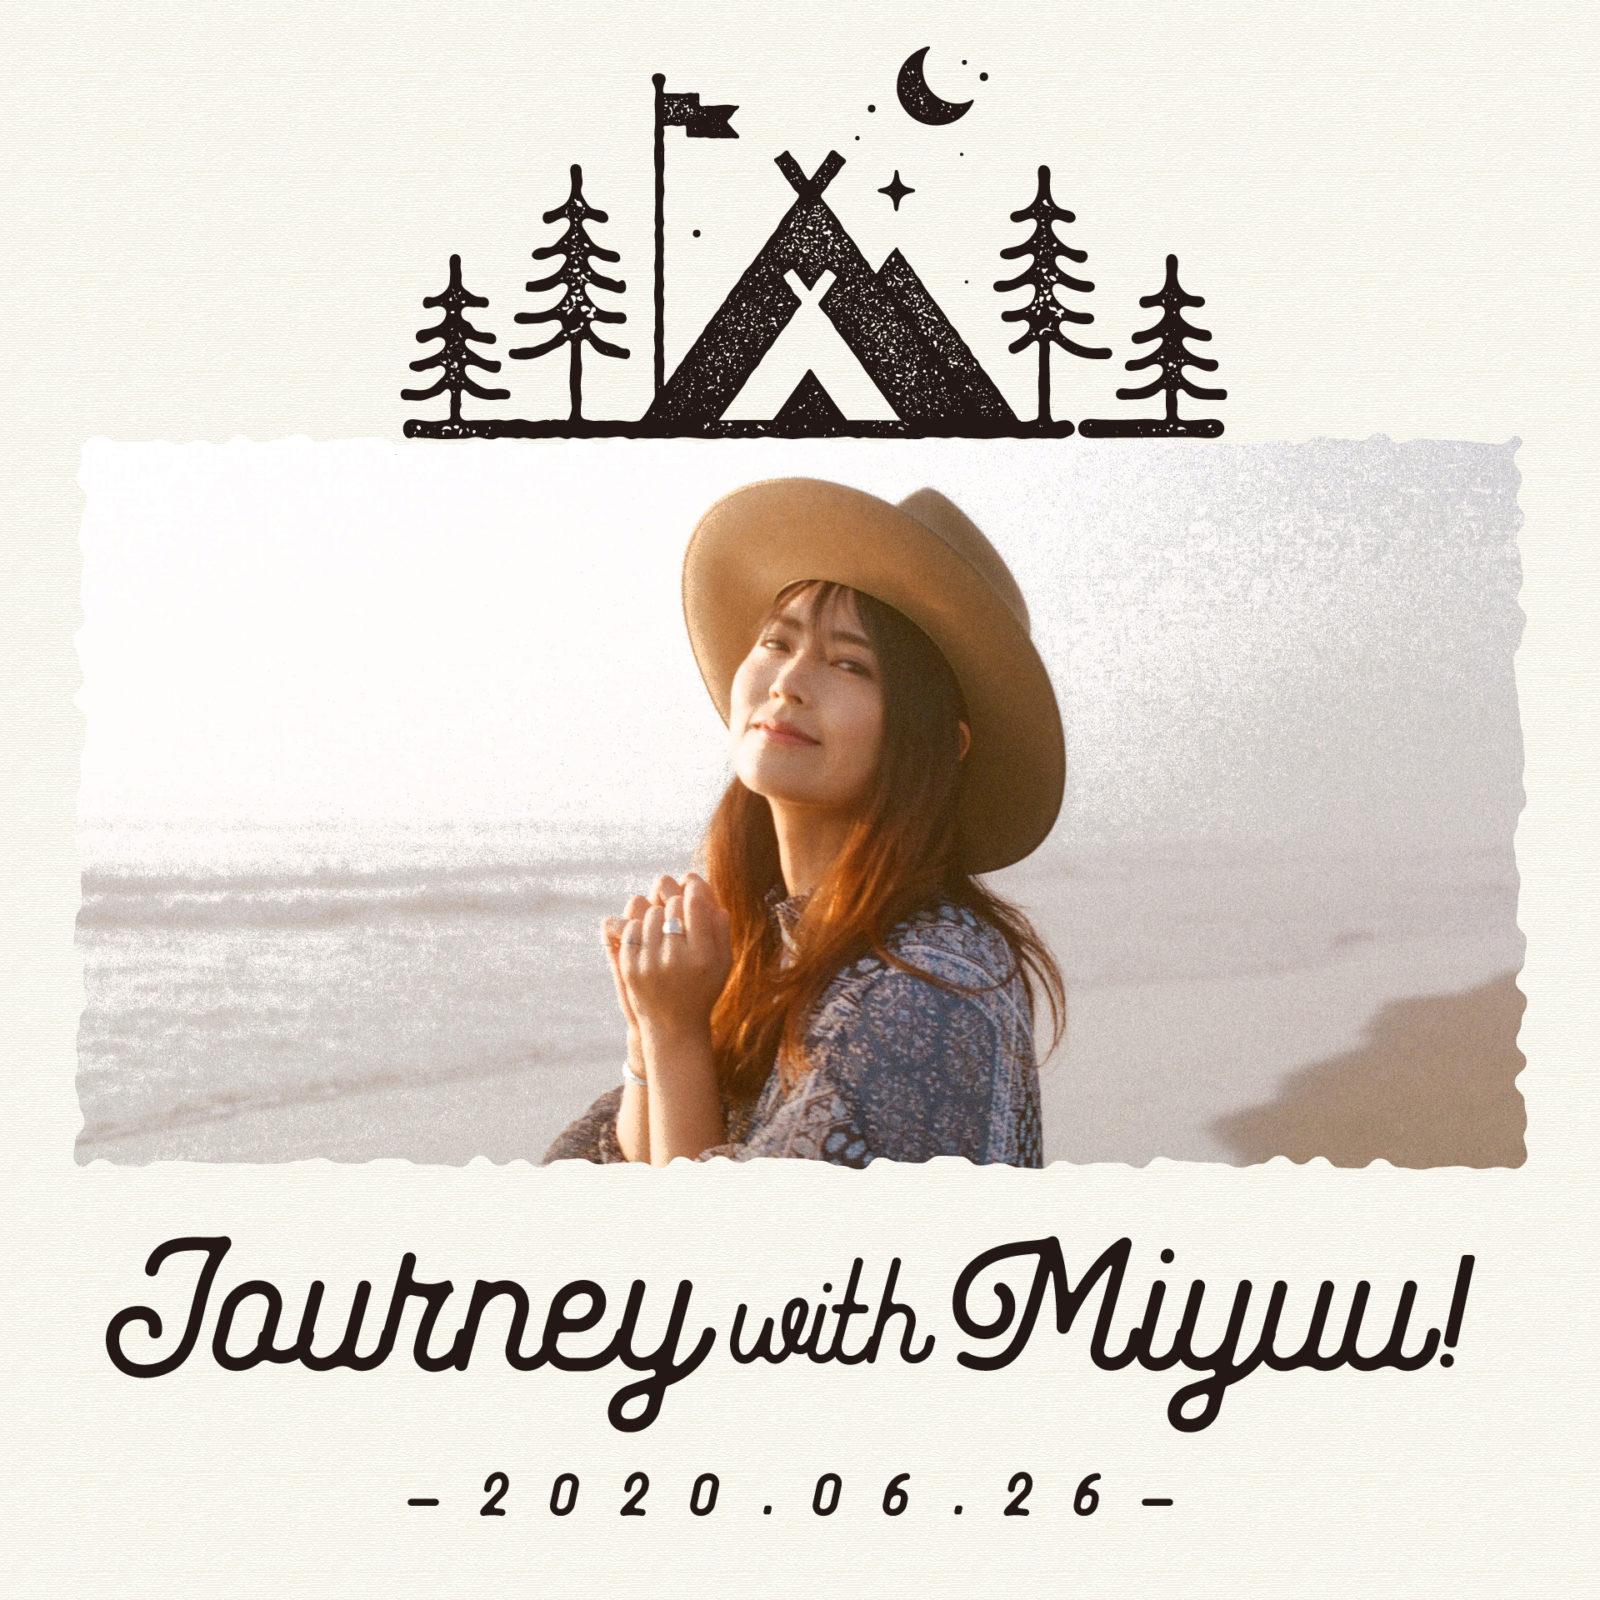 シンガーソングライターMiyuu、6月26日に無観客ライブ開催決定!ファンと共に制作した楽曲も披露サムネイル画像